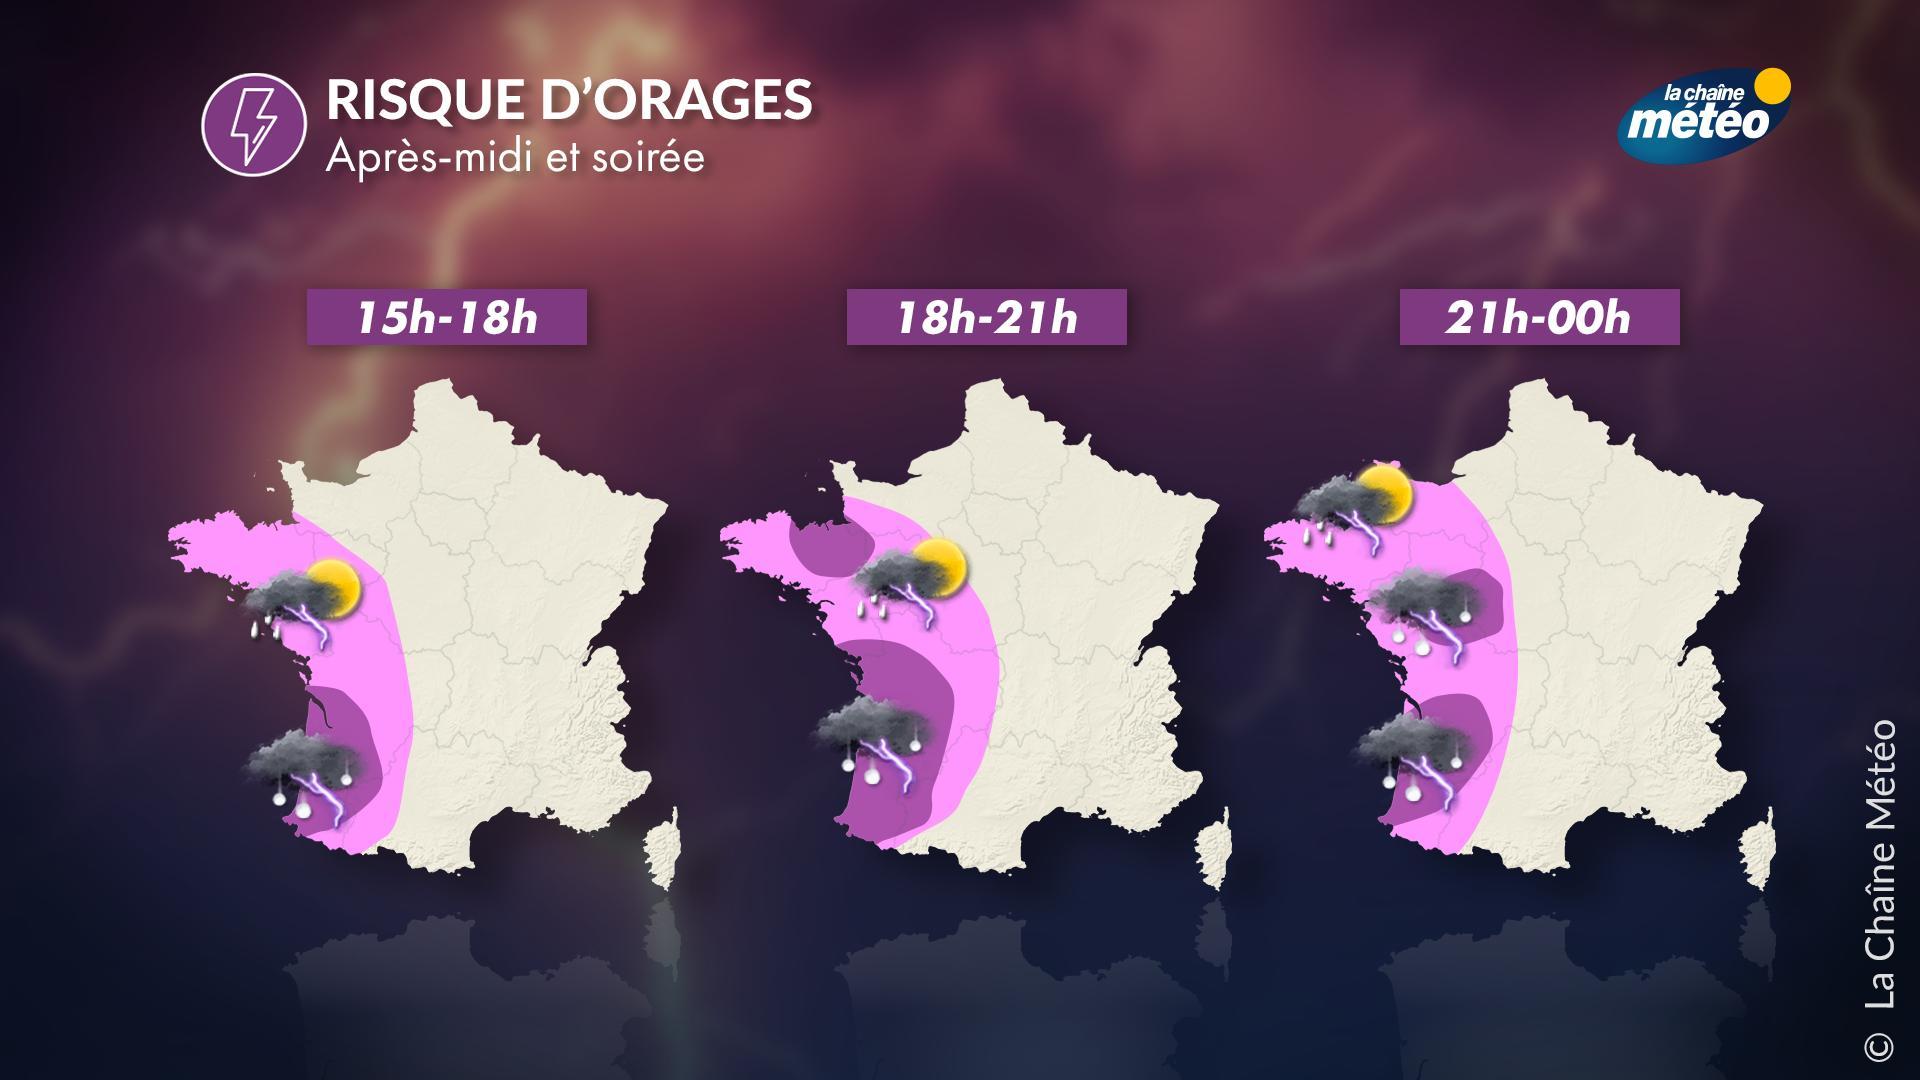 En images ! #alertemétéo #vigilancejaune #orages #grêle #pluies #gironde #ouest #france twitter.com/lachainemeteo/…